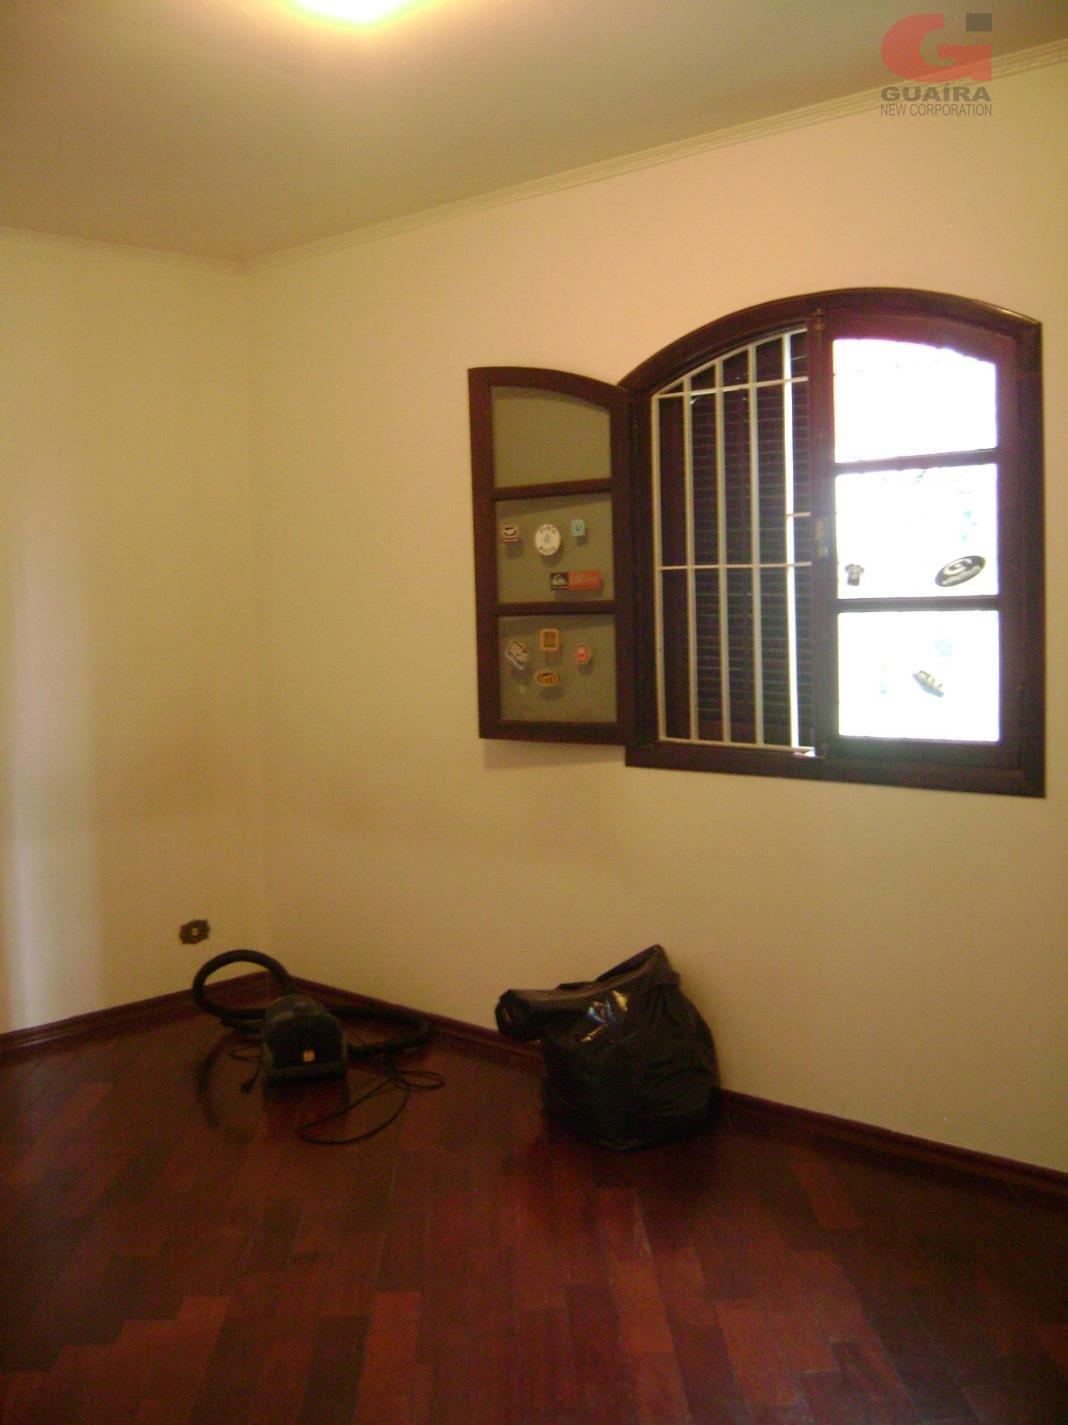 Sobrado de 4 dormitórios à venda em Vila Valparaíso, Santo André - SP